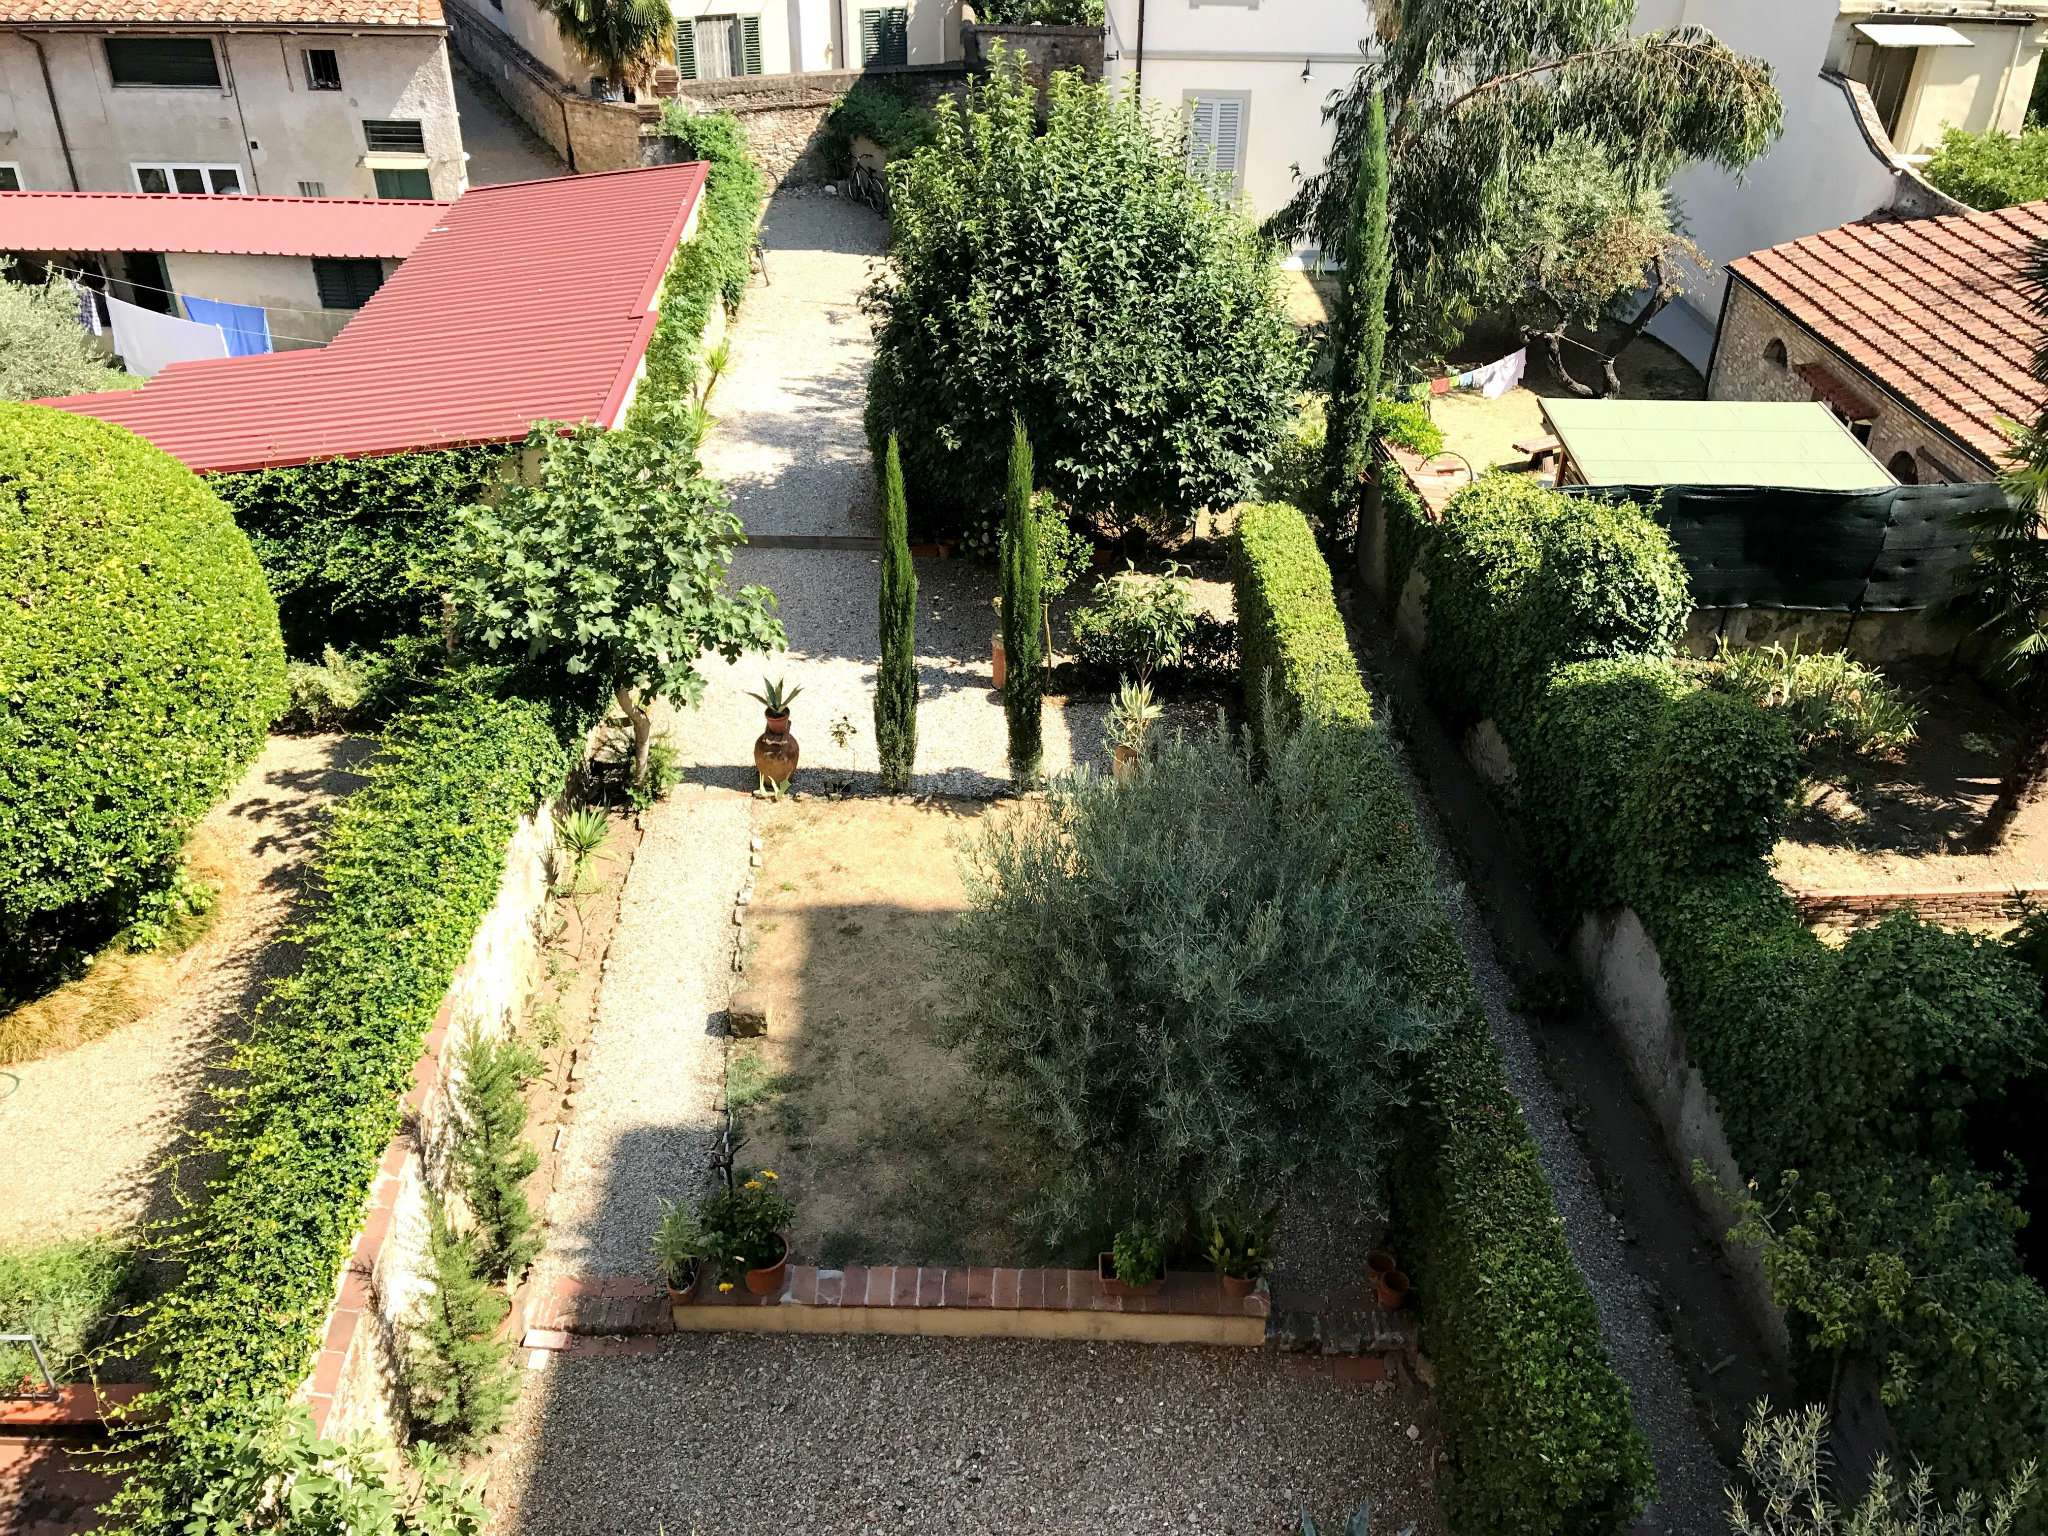 Palazzo / Stabile in vendita a Firenze, 20 locali, zona Zona: 11 . Viali, prezzo € 1.250.000   CambioCasa.it